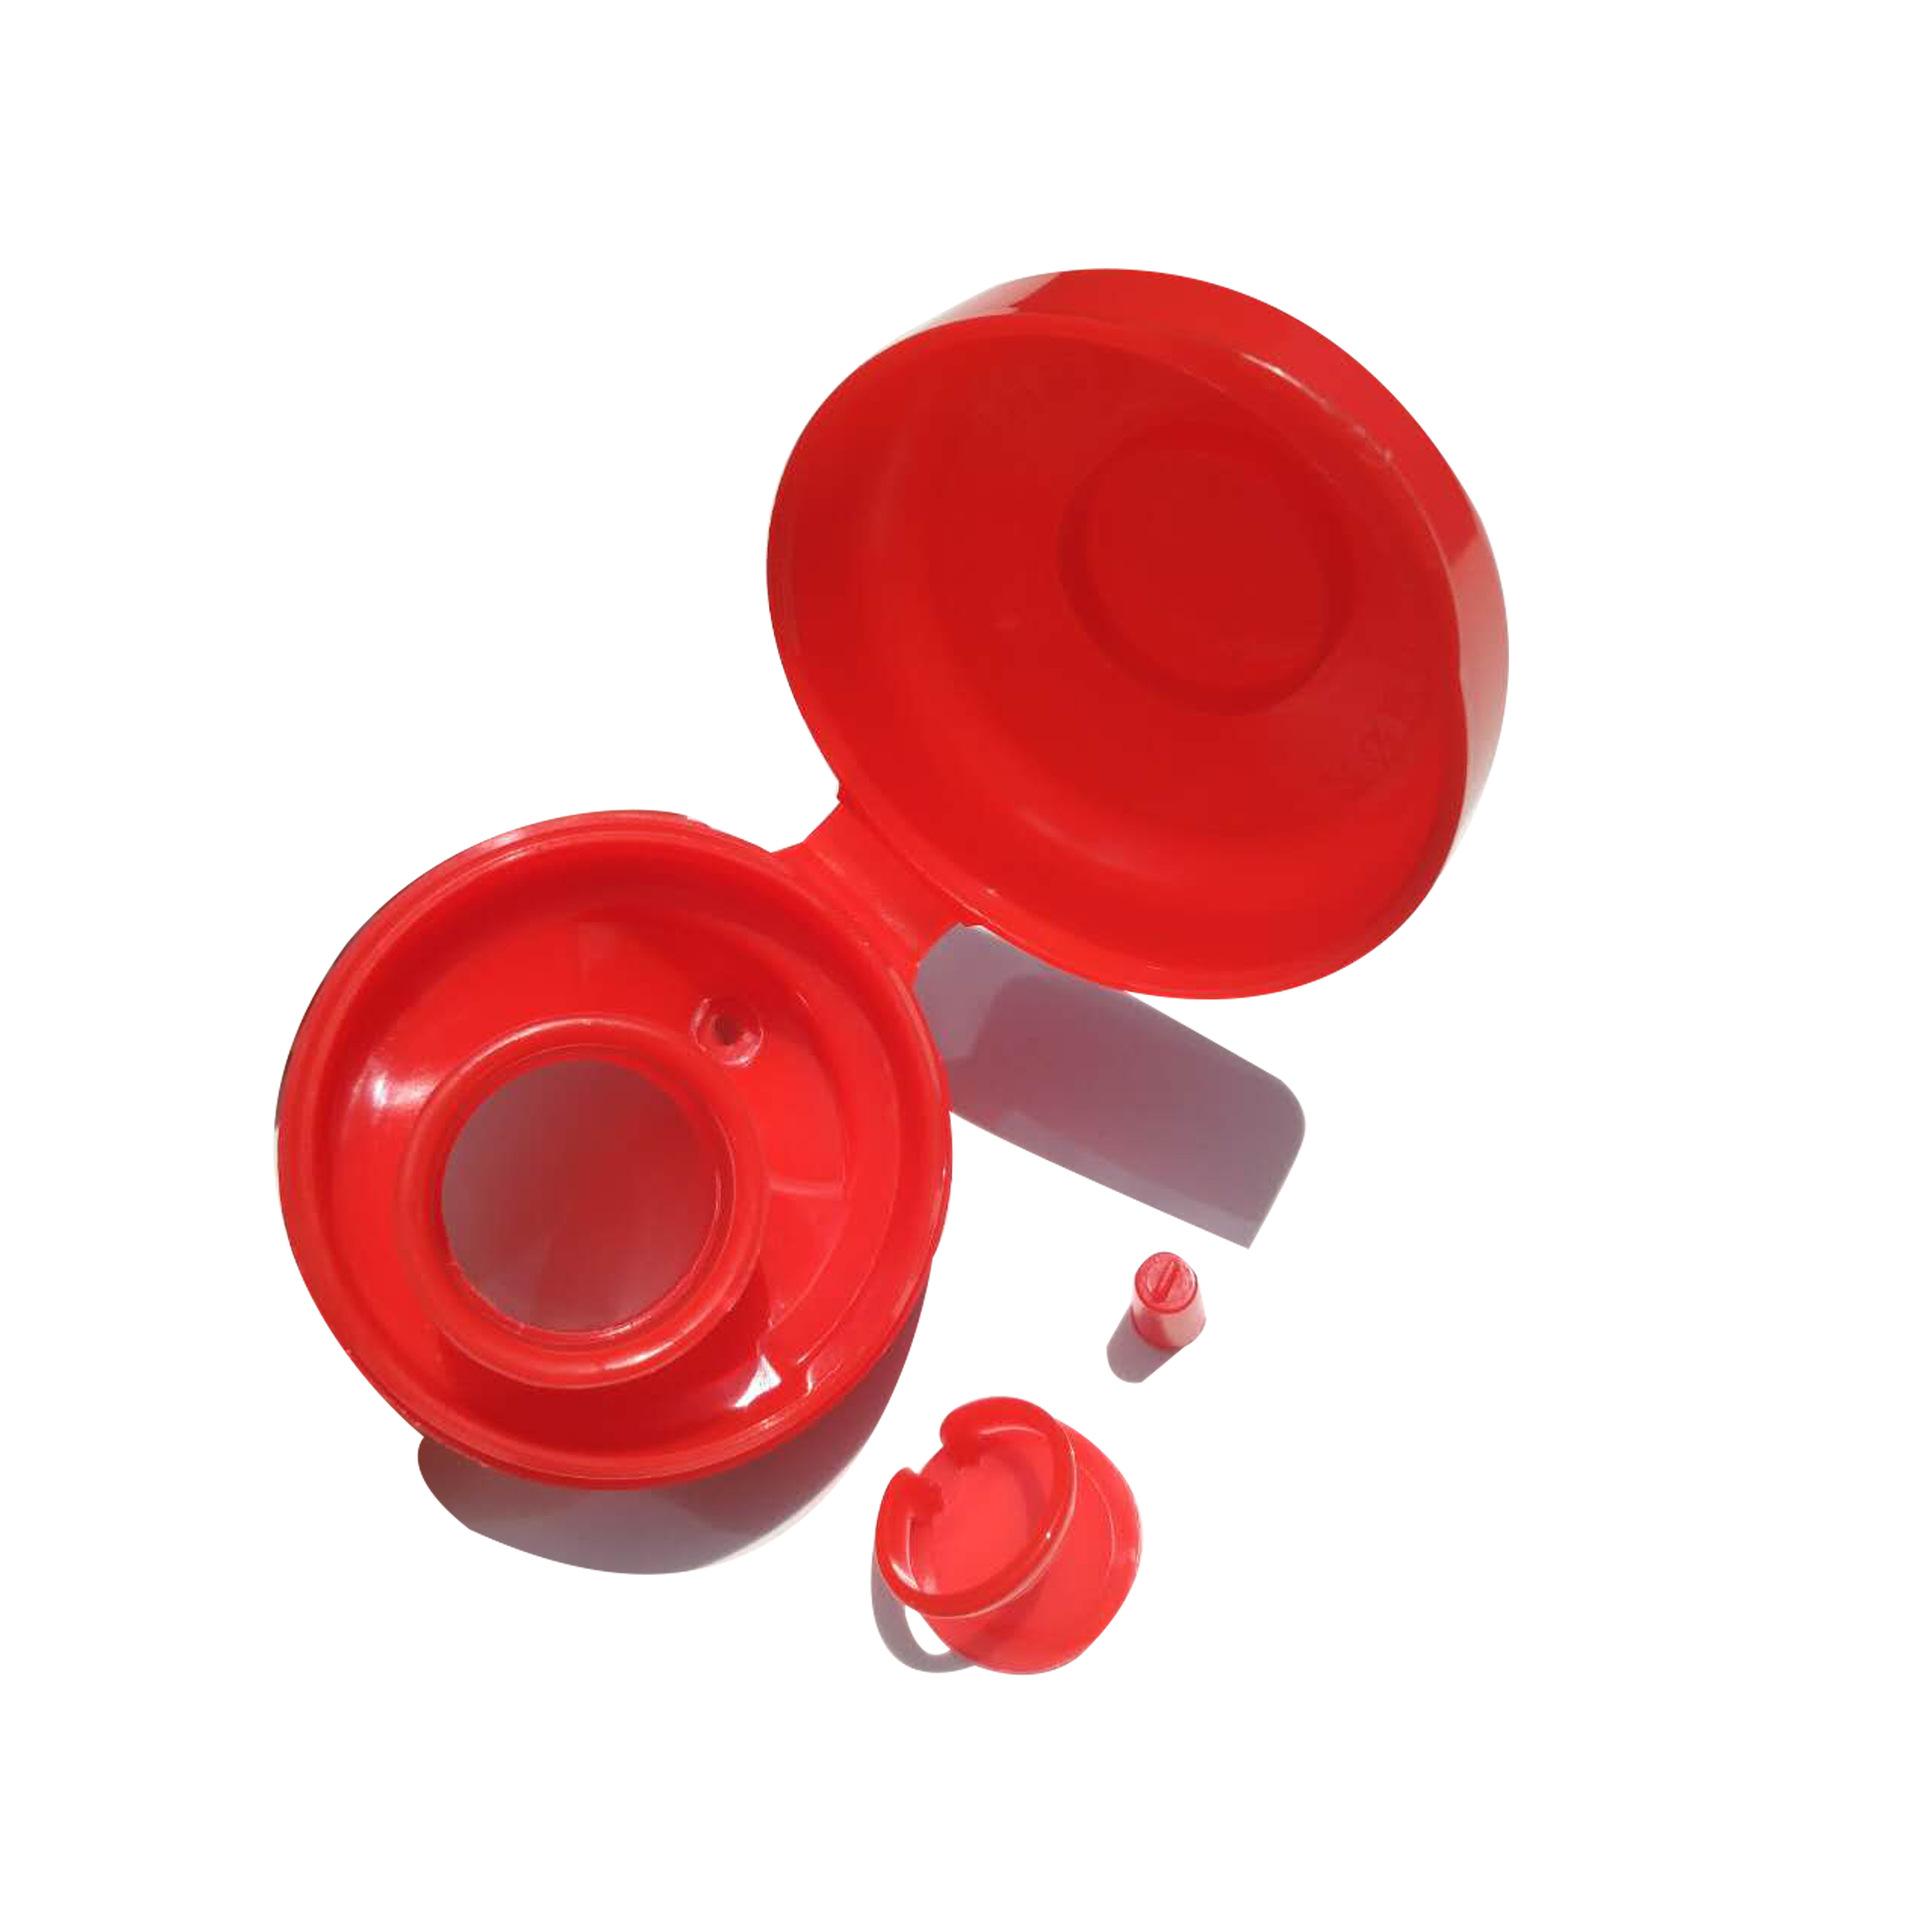 供應5升39口徑紅色食用油塑料瓶蓋 花生油山茶油瓶蓋快遞分揀包裝  新功能瓶蓋